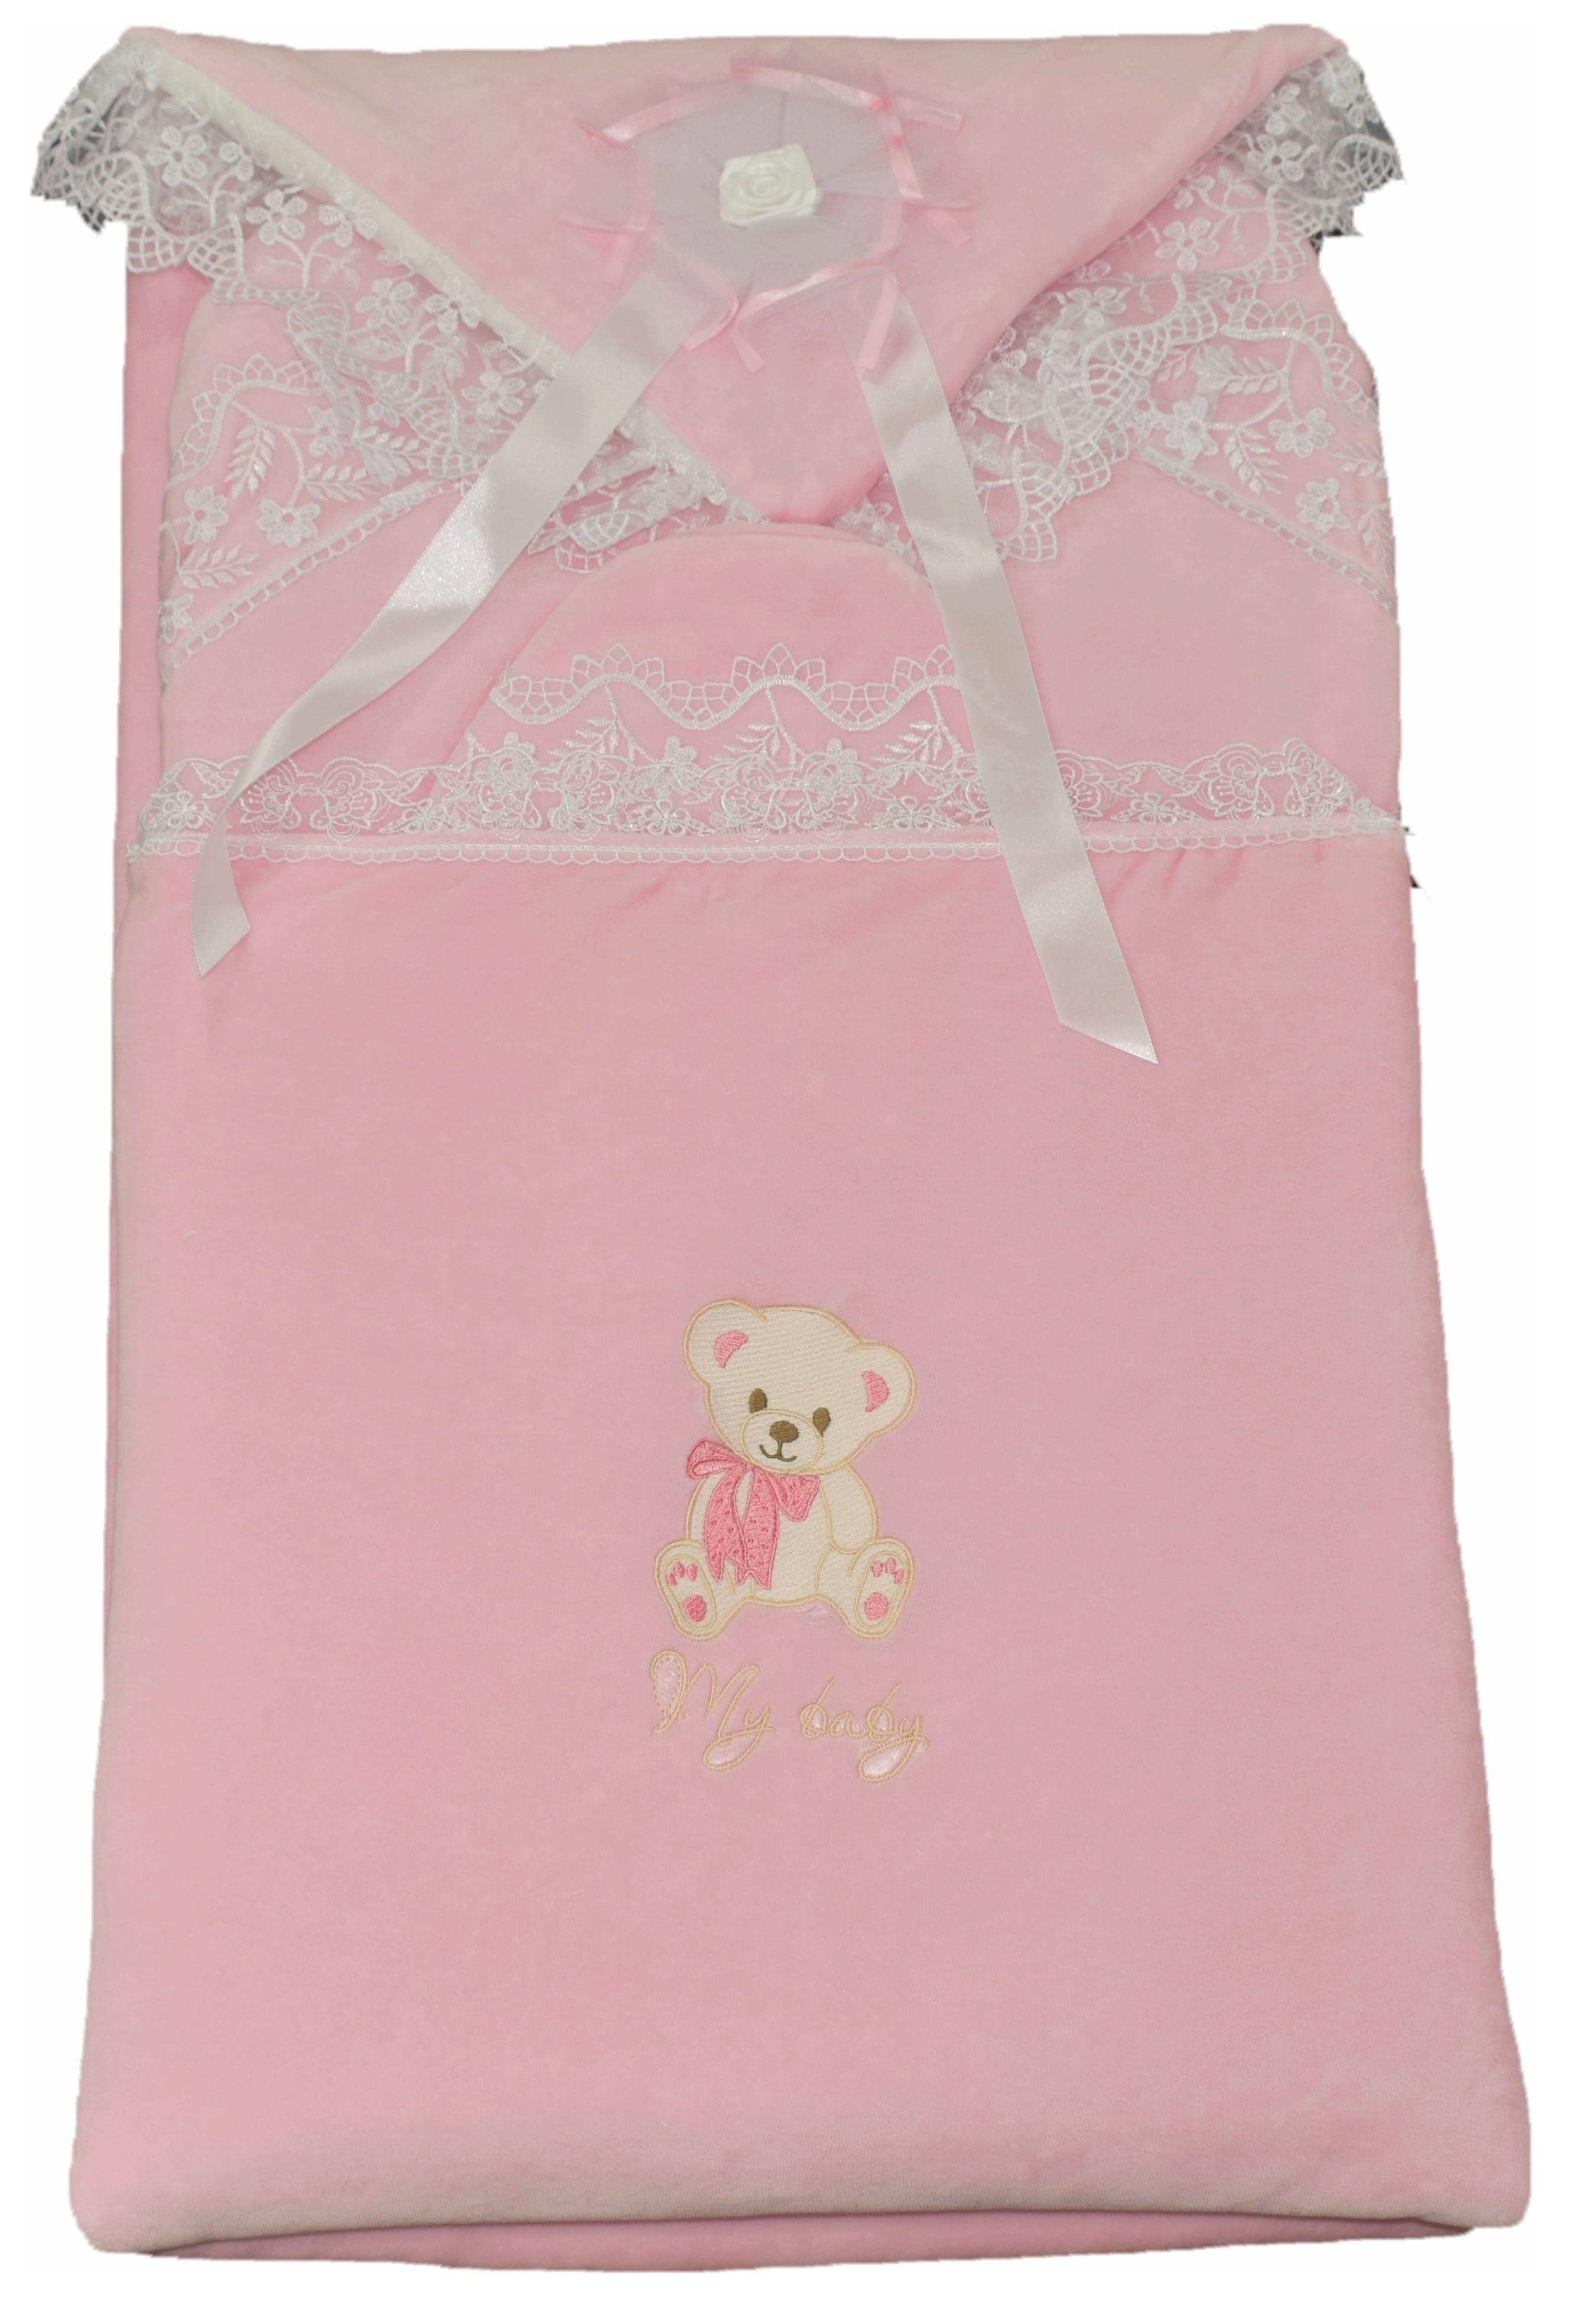 Конверт с одеялом на выписку Мой малыш Мой малыш розовый конверт с одеялом на выписку мой малыш мой малыш розовый